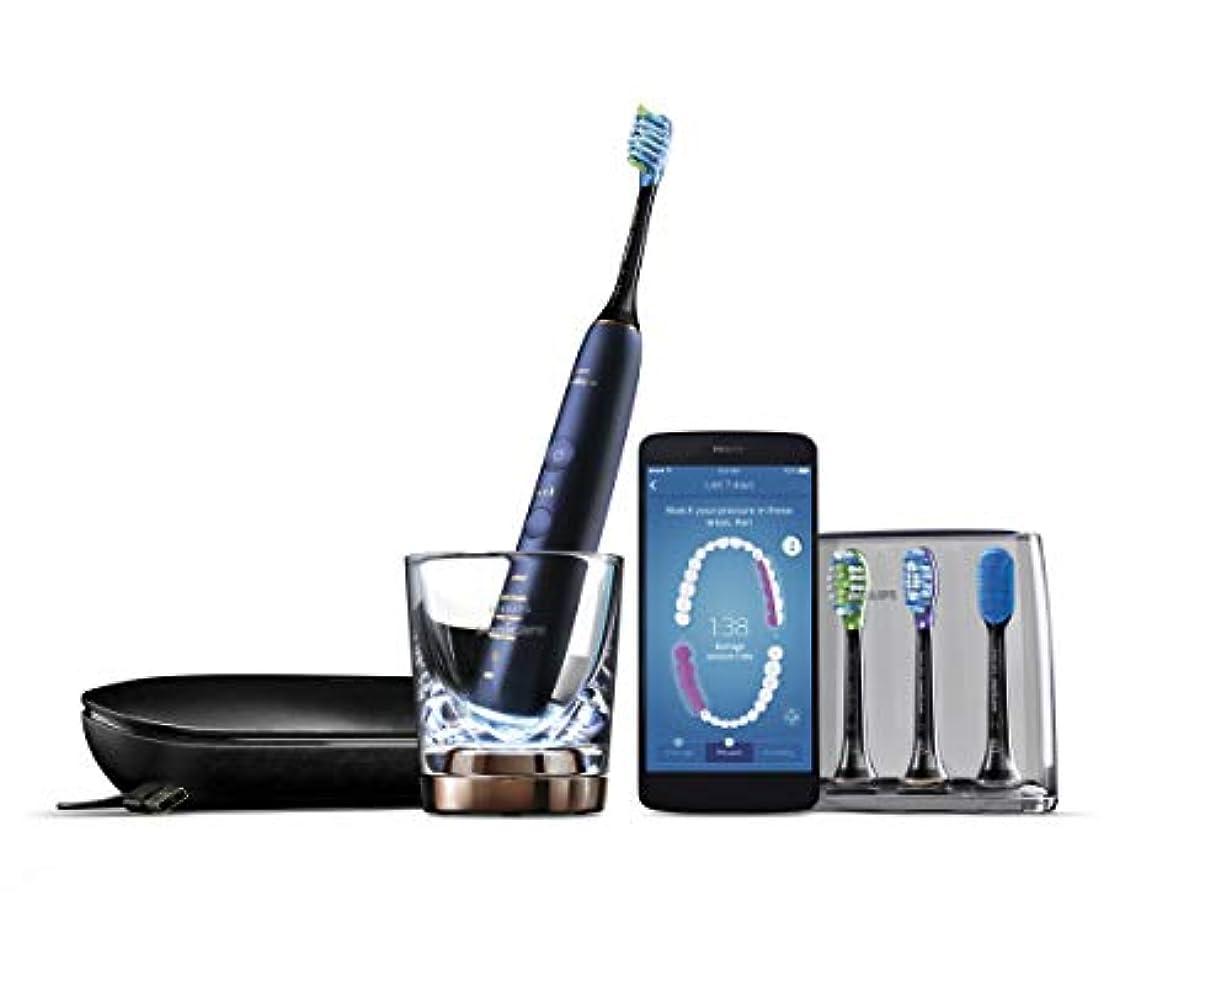 ご覧ください抑制ウイルスフィリップス ソニッケアー ダイヤモンドクリーン スマート 電動歯ブラシ ルナーブルー HX9964/55